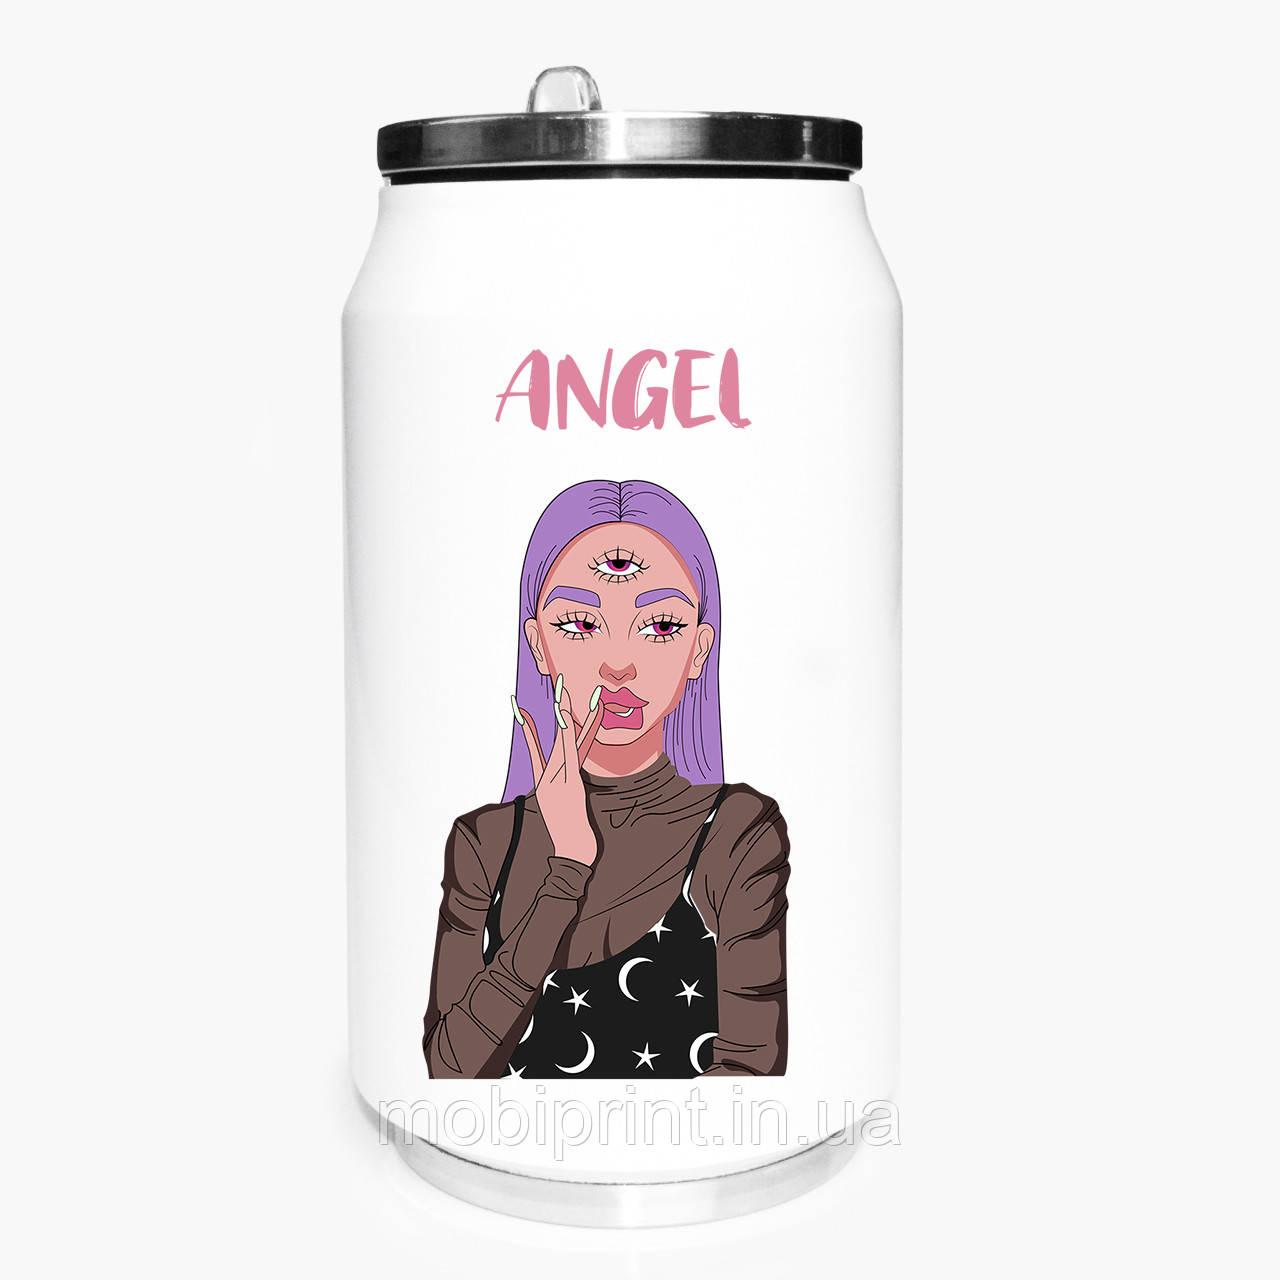 Термобанка Ангел Діджитал Арт (Angel Digital art) 350 мл (31091-1635) термокружка з нержавіючої сталі